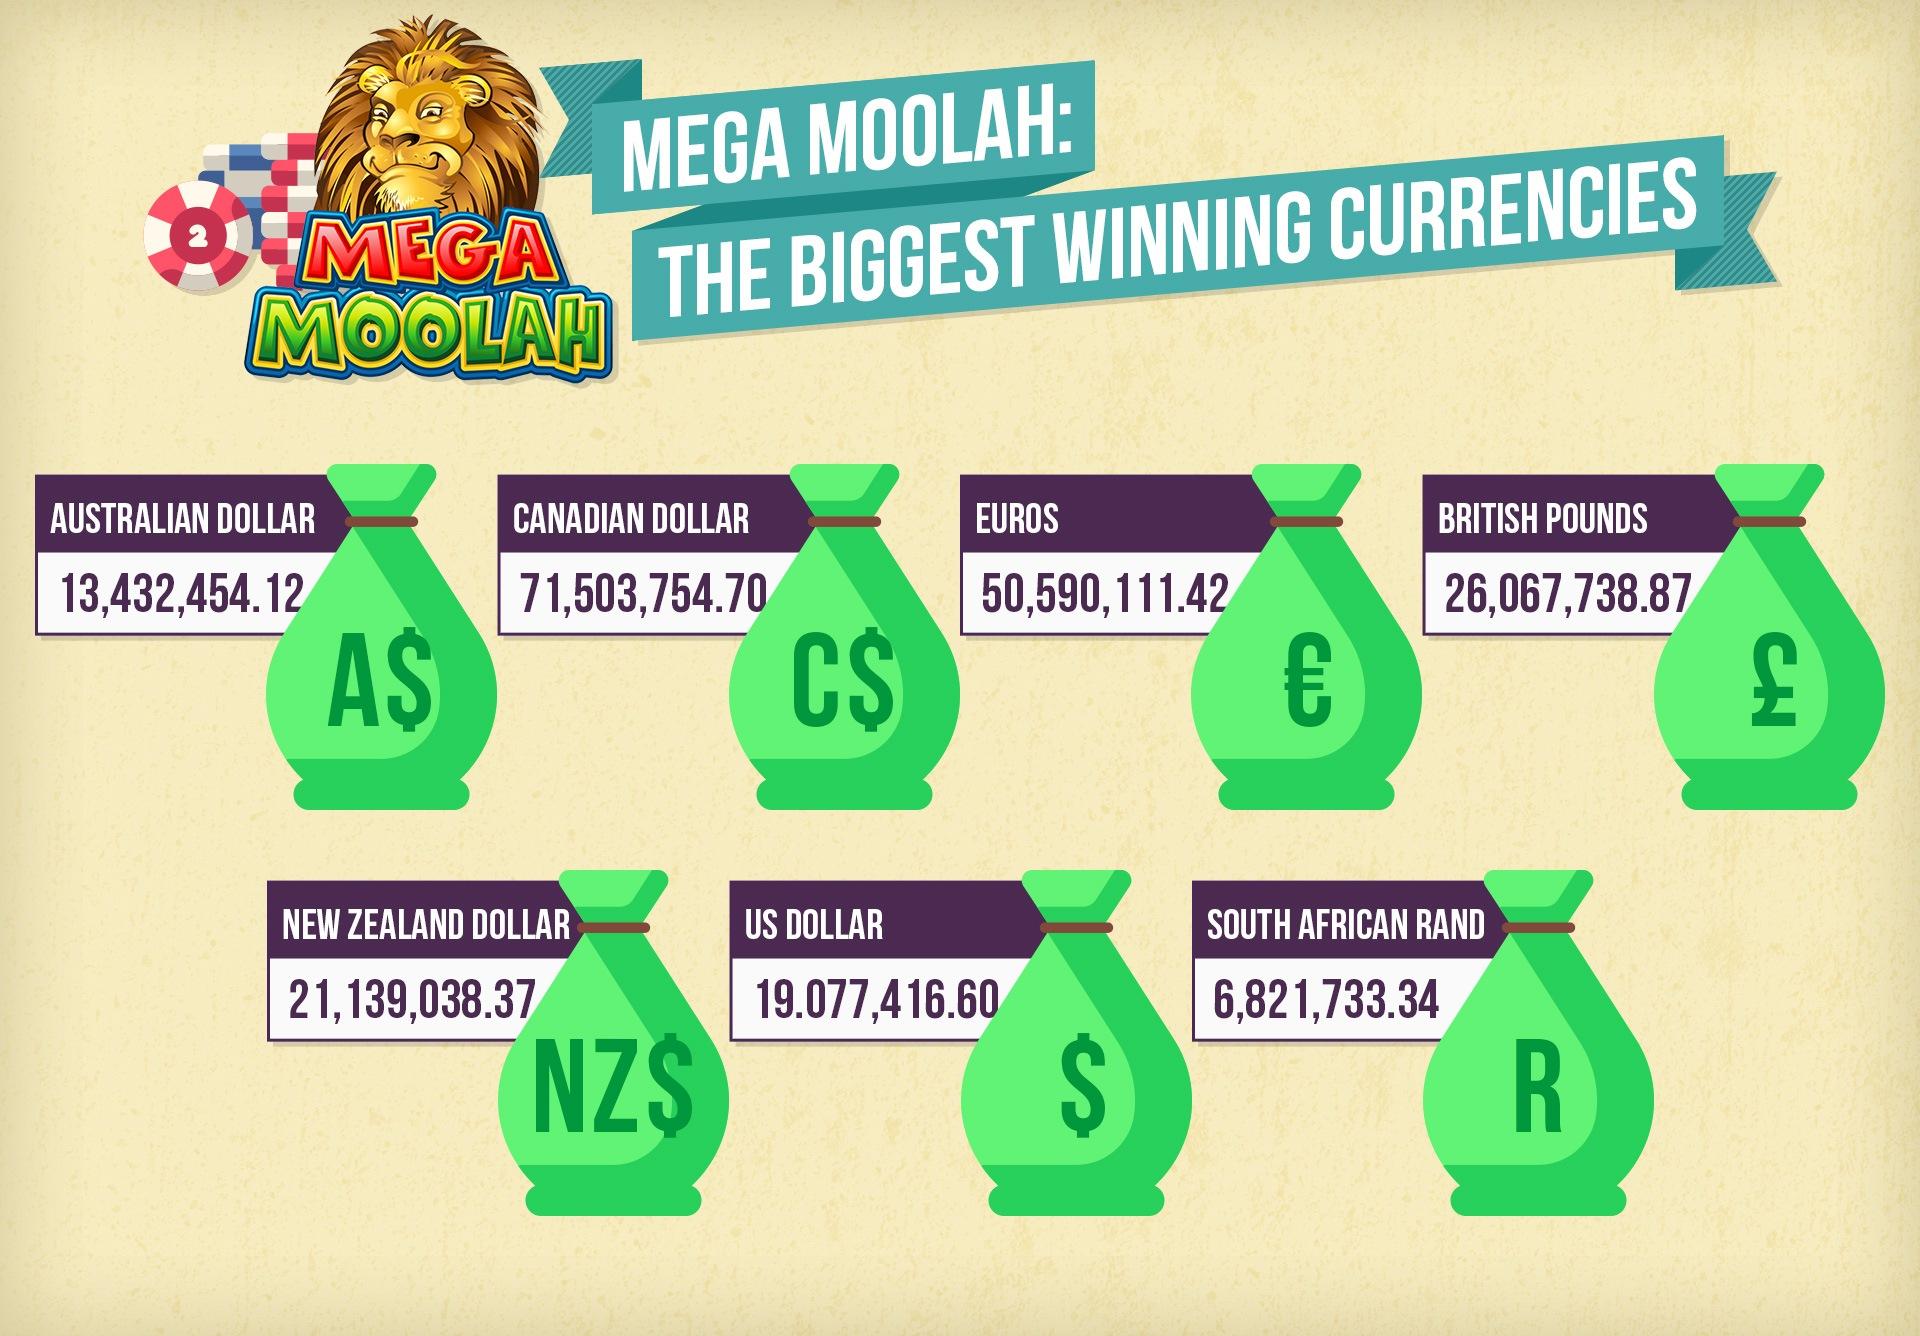 Mega Moolah: The biggest winning currencies